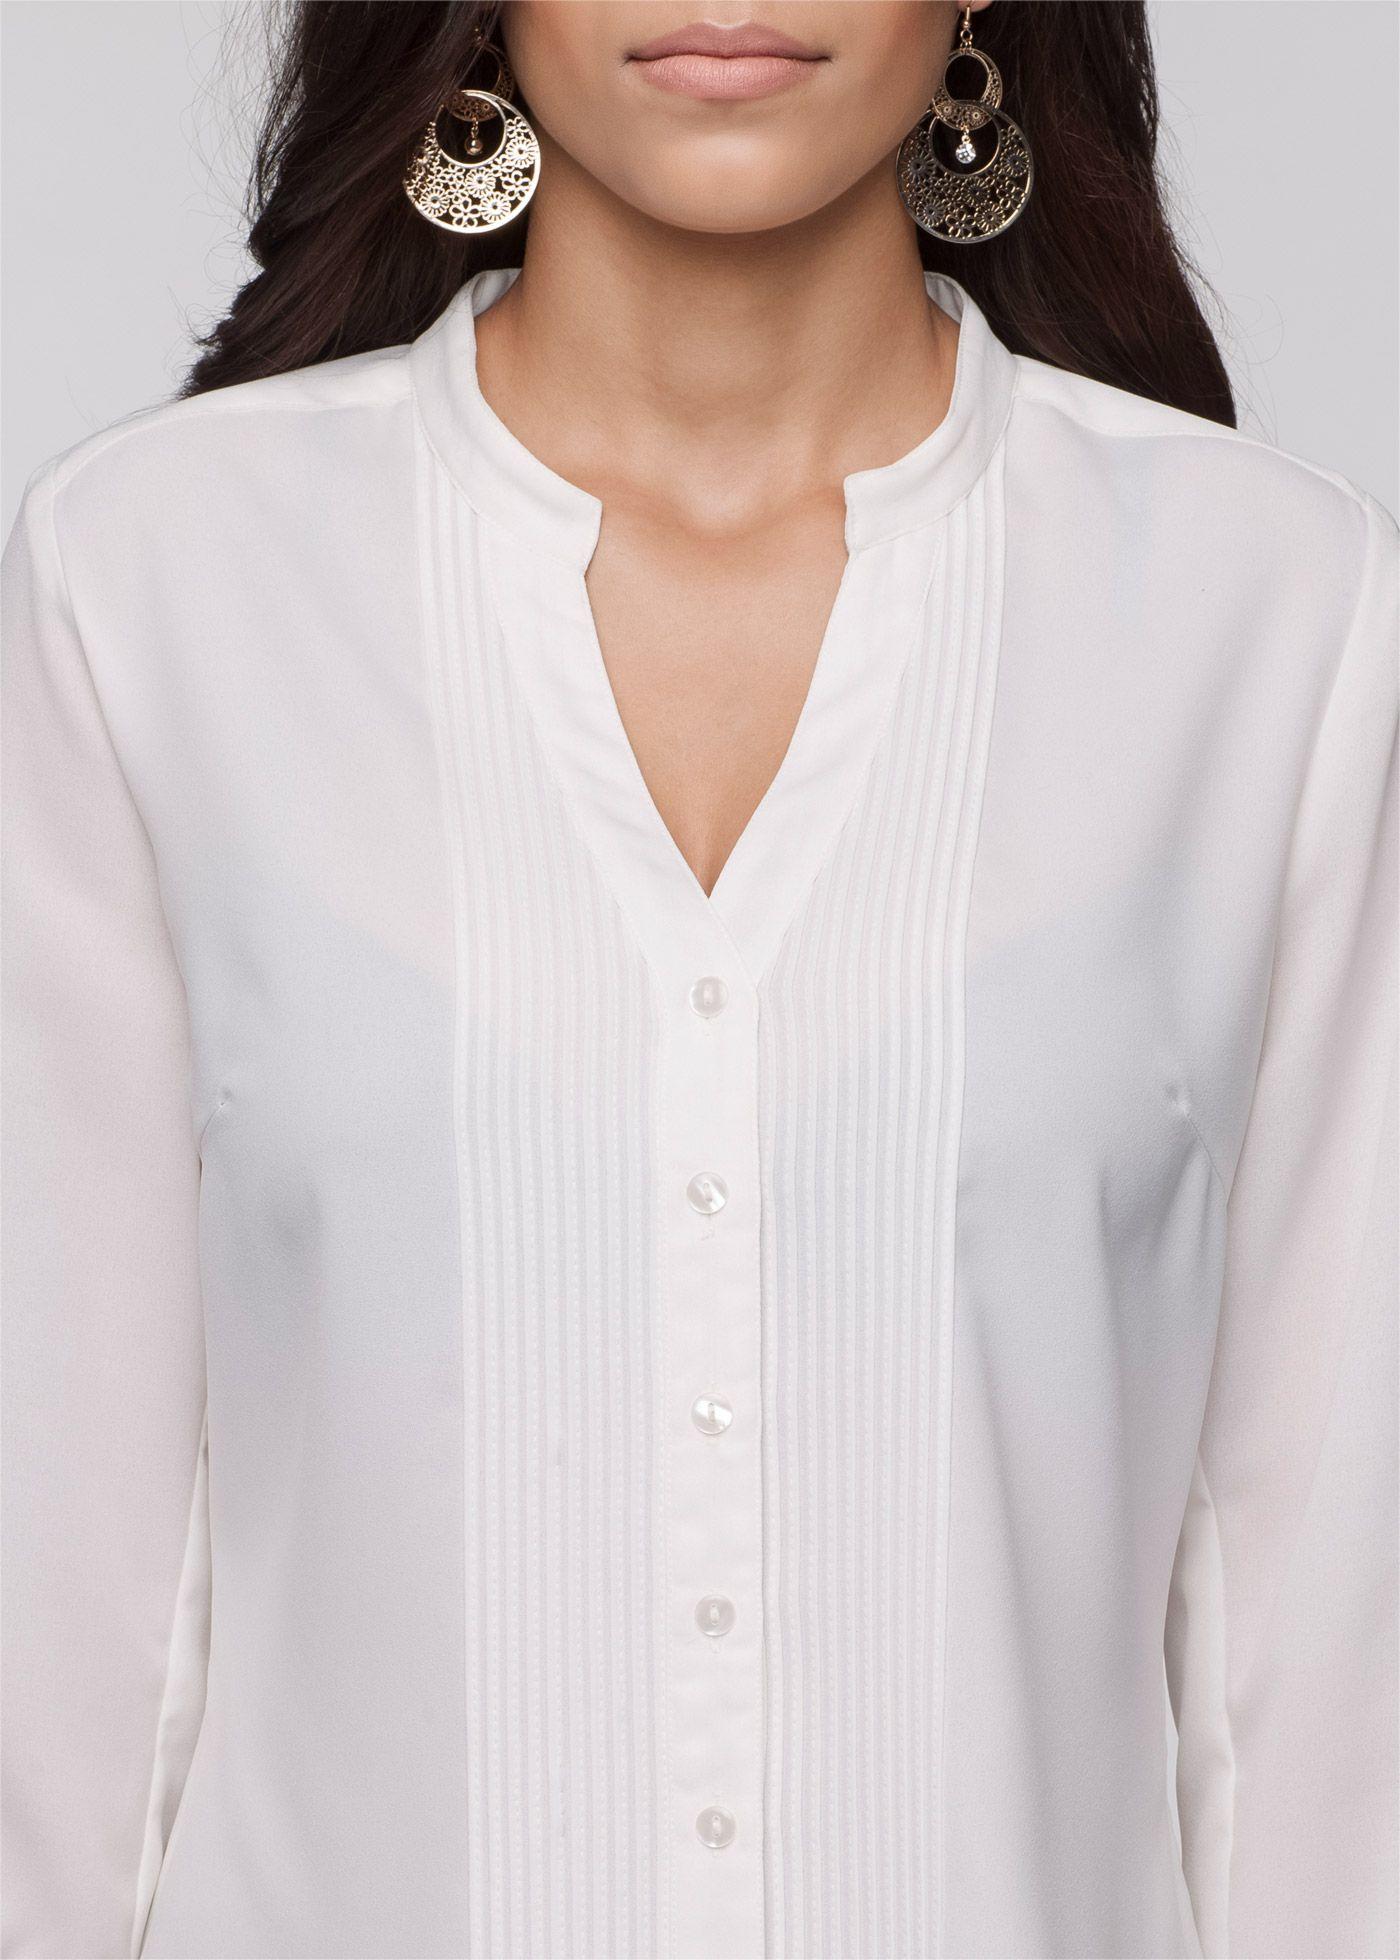 7138cf7037 Camisa gola padre cru encomendar agora na loja on-line bonprix.de R ...